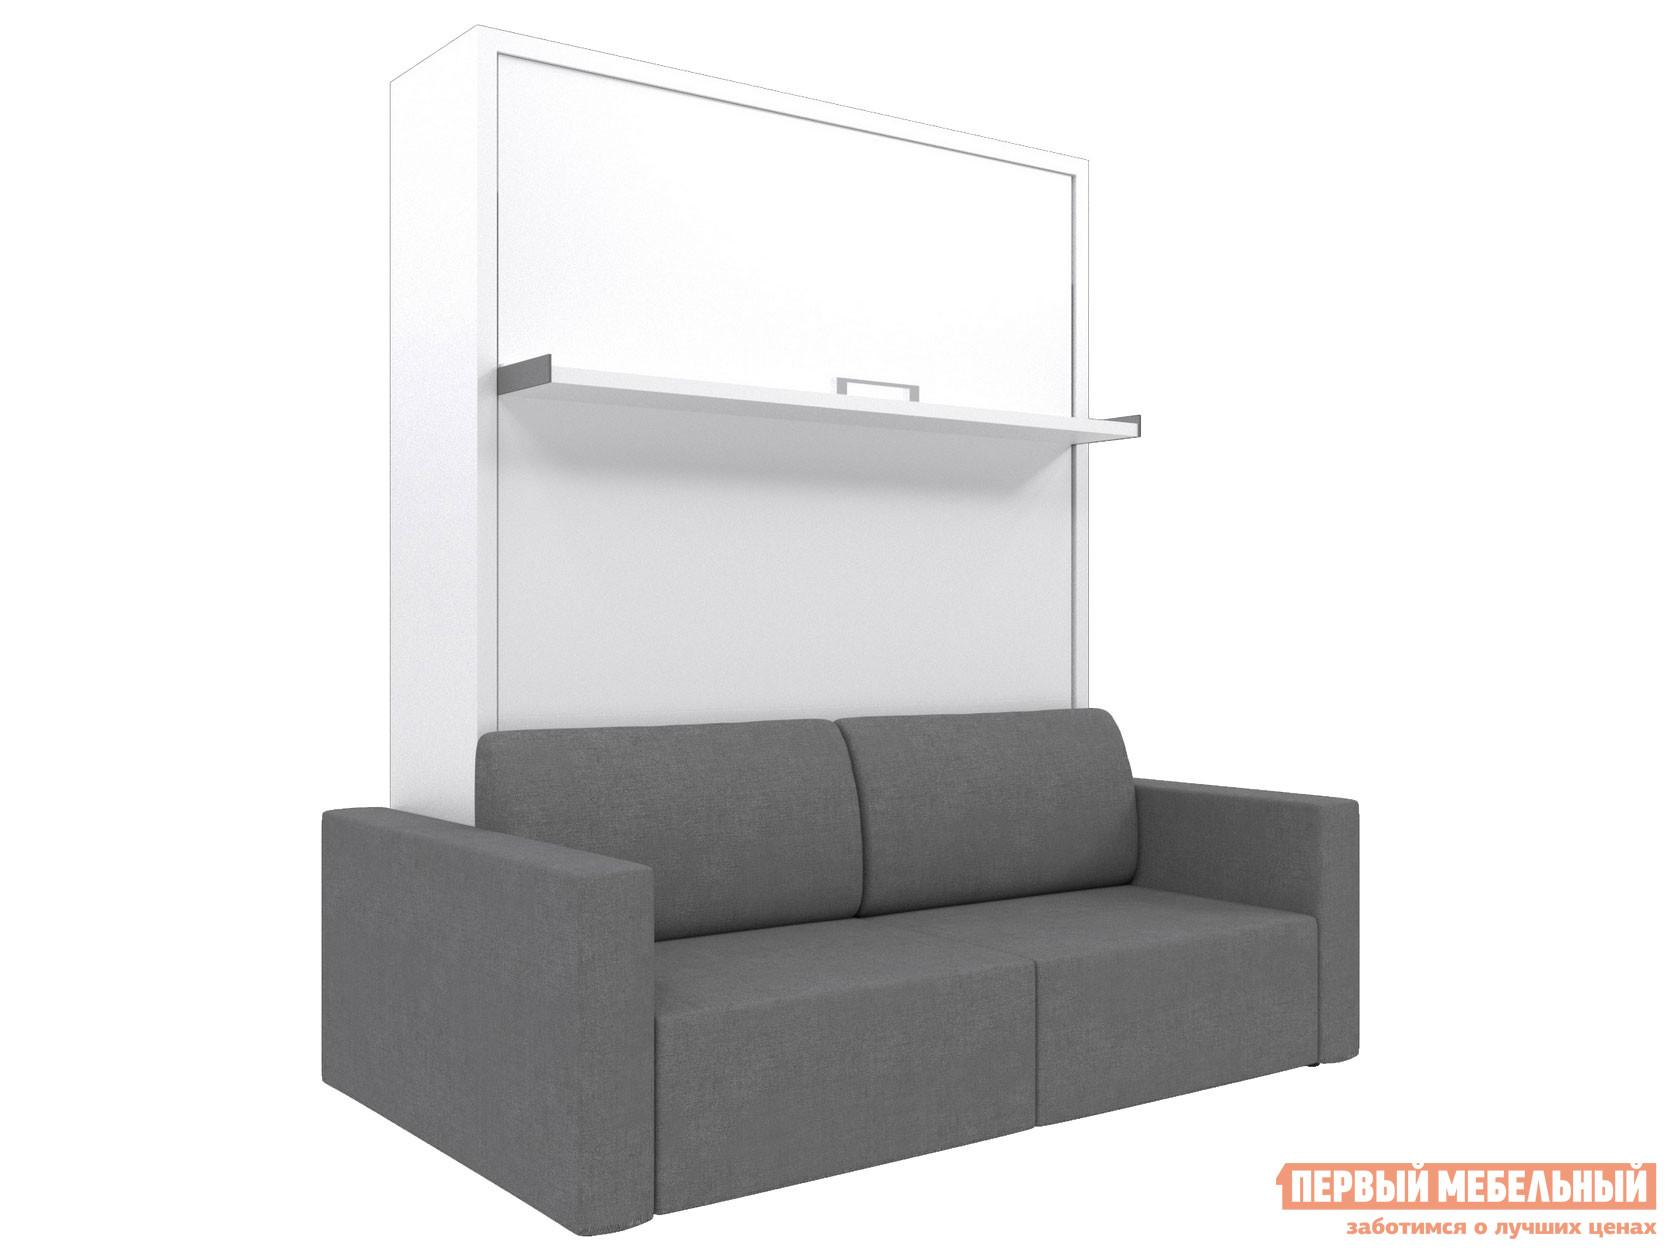 Кровать-трансформер Первый Мебельный Смарт 1 (К+Д)